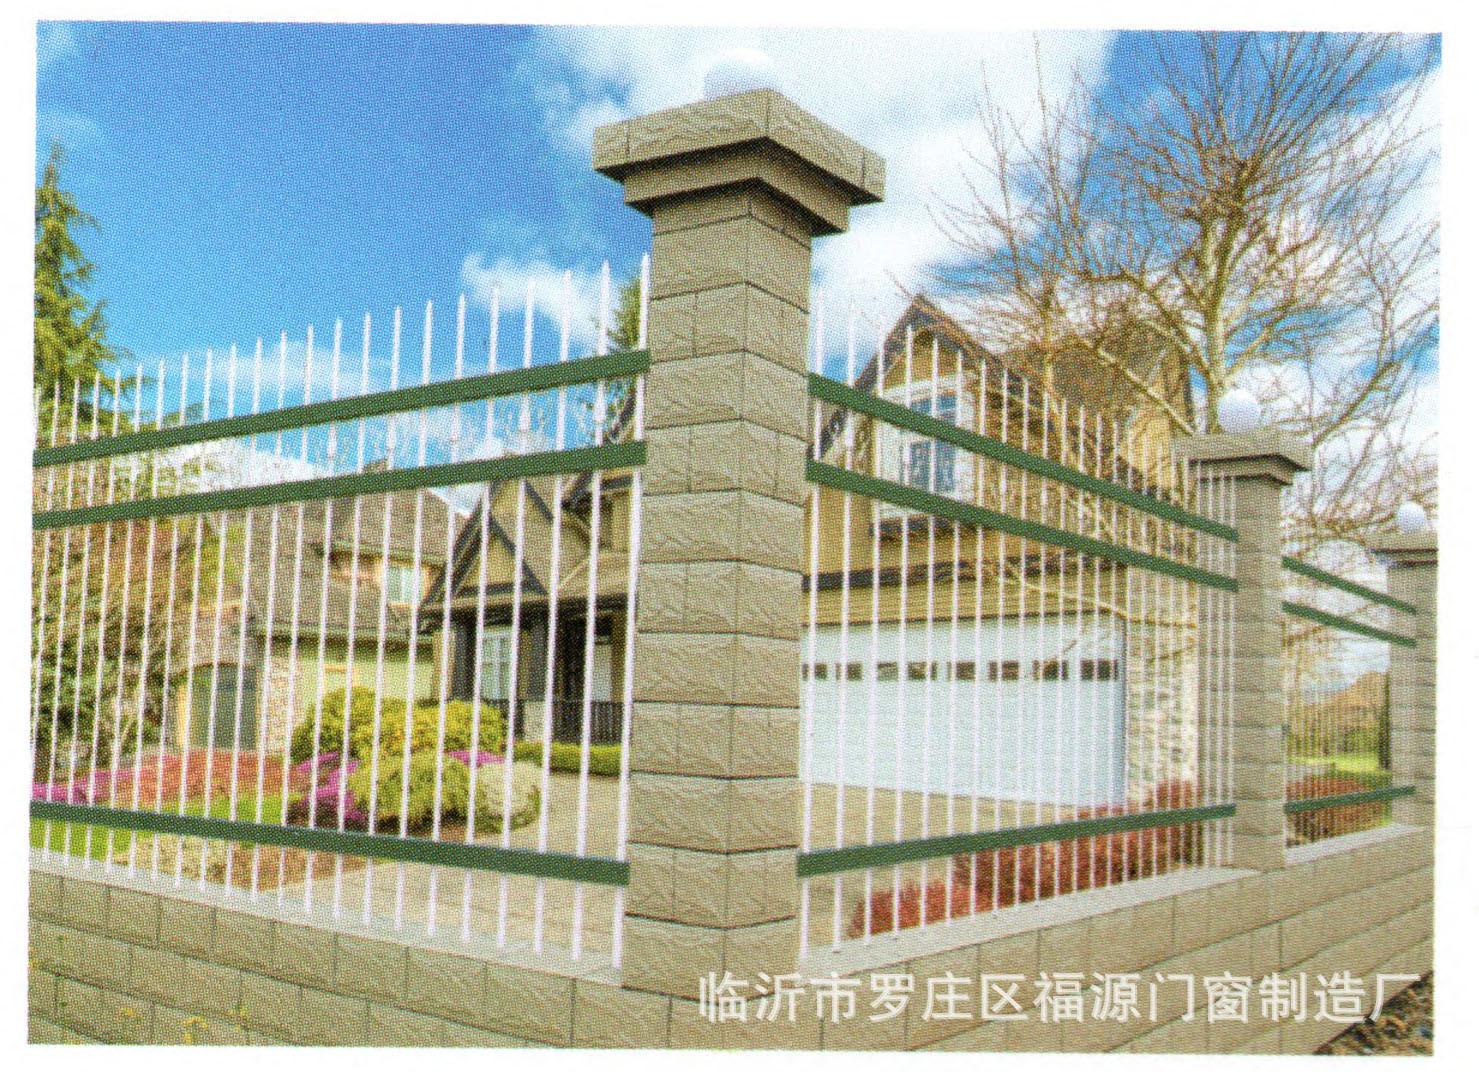 围墙门头图片_1米高围墙设计图_图片素材